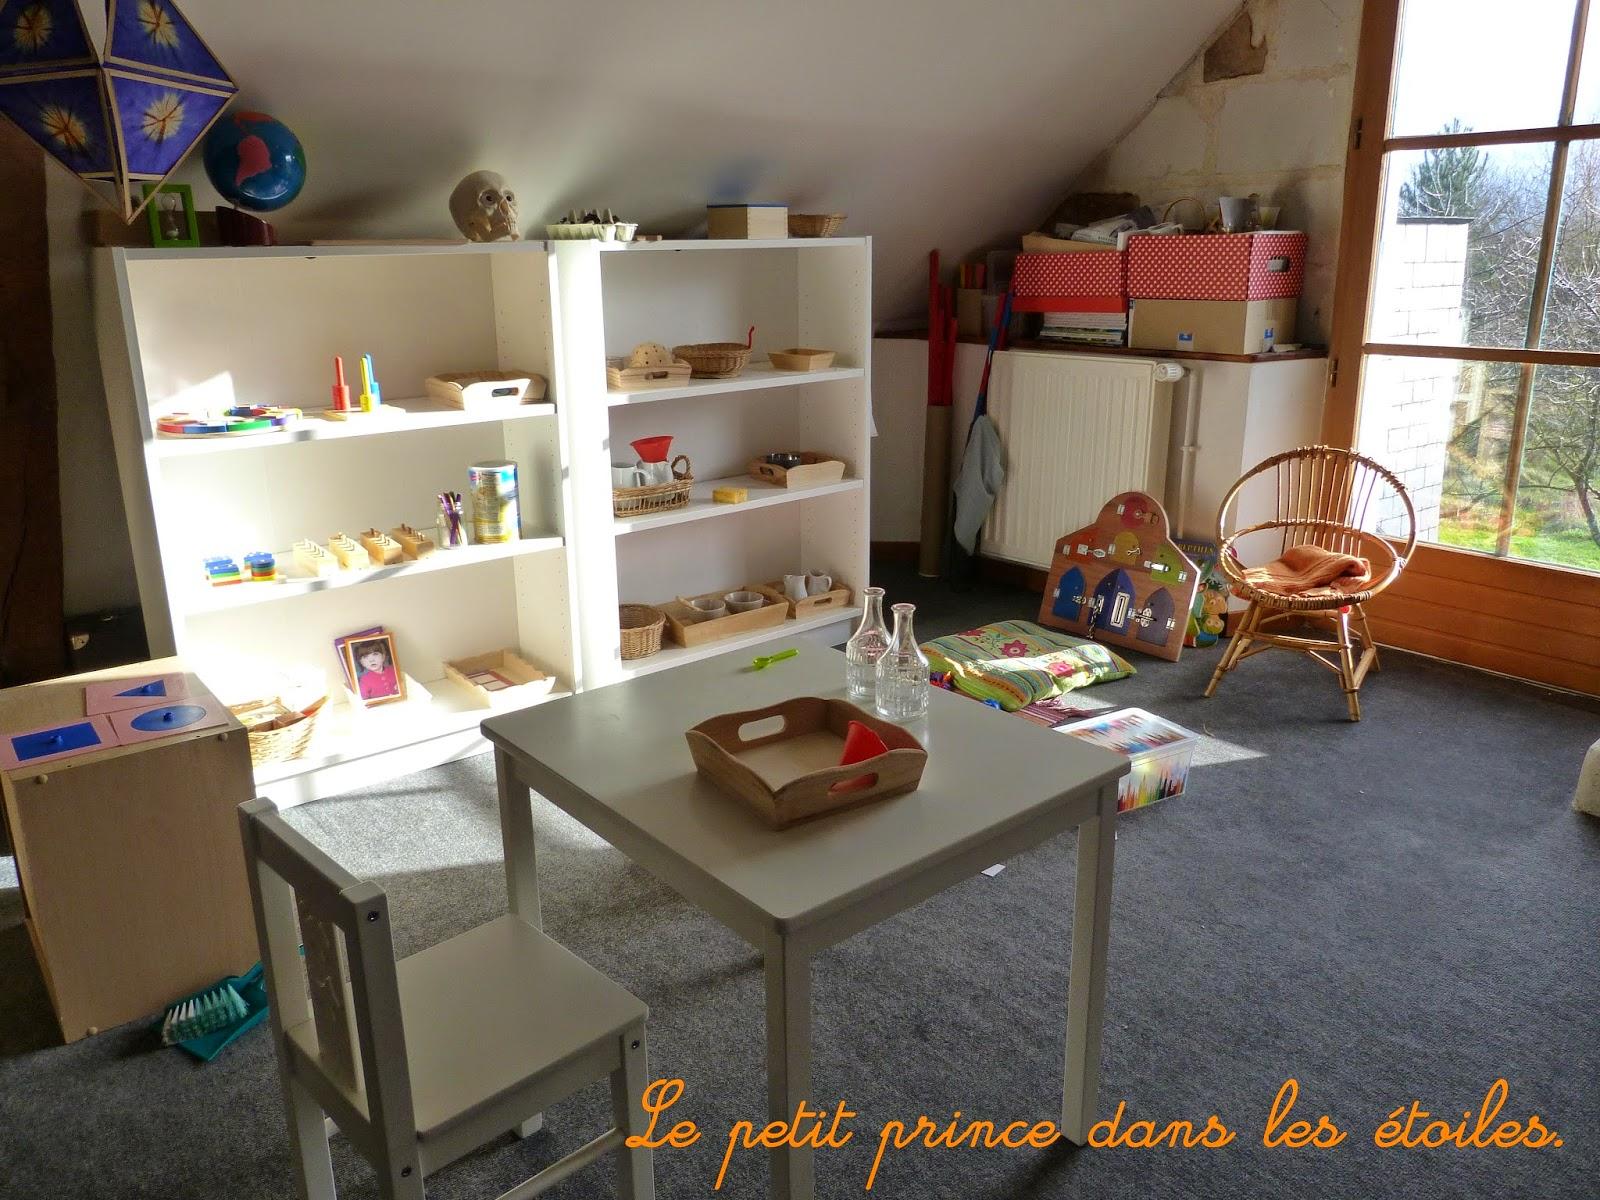 Le petit prince dans les étoiles.: notre petit coin montessori...